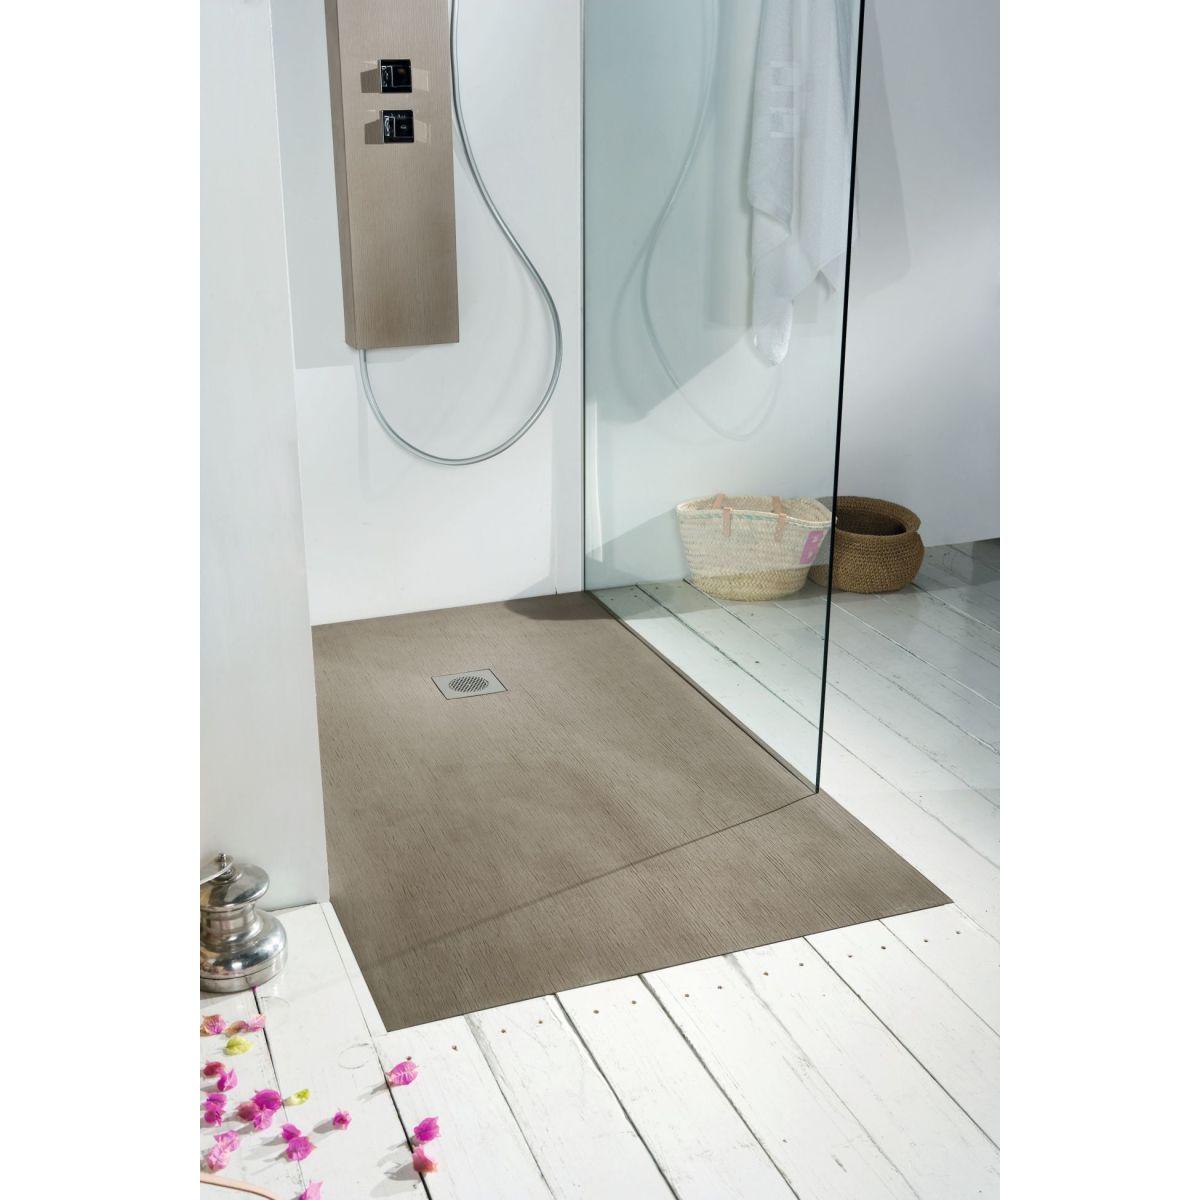 piatto doccia resina forest 80 x 80 cm frassino: prezzi e offerte online